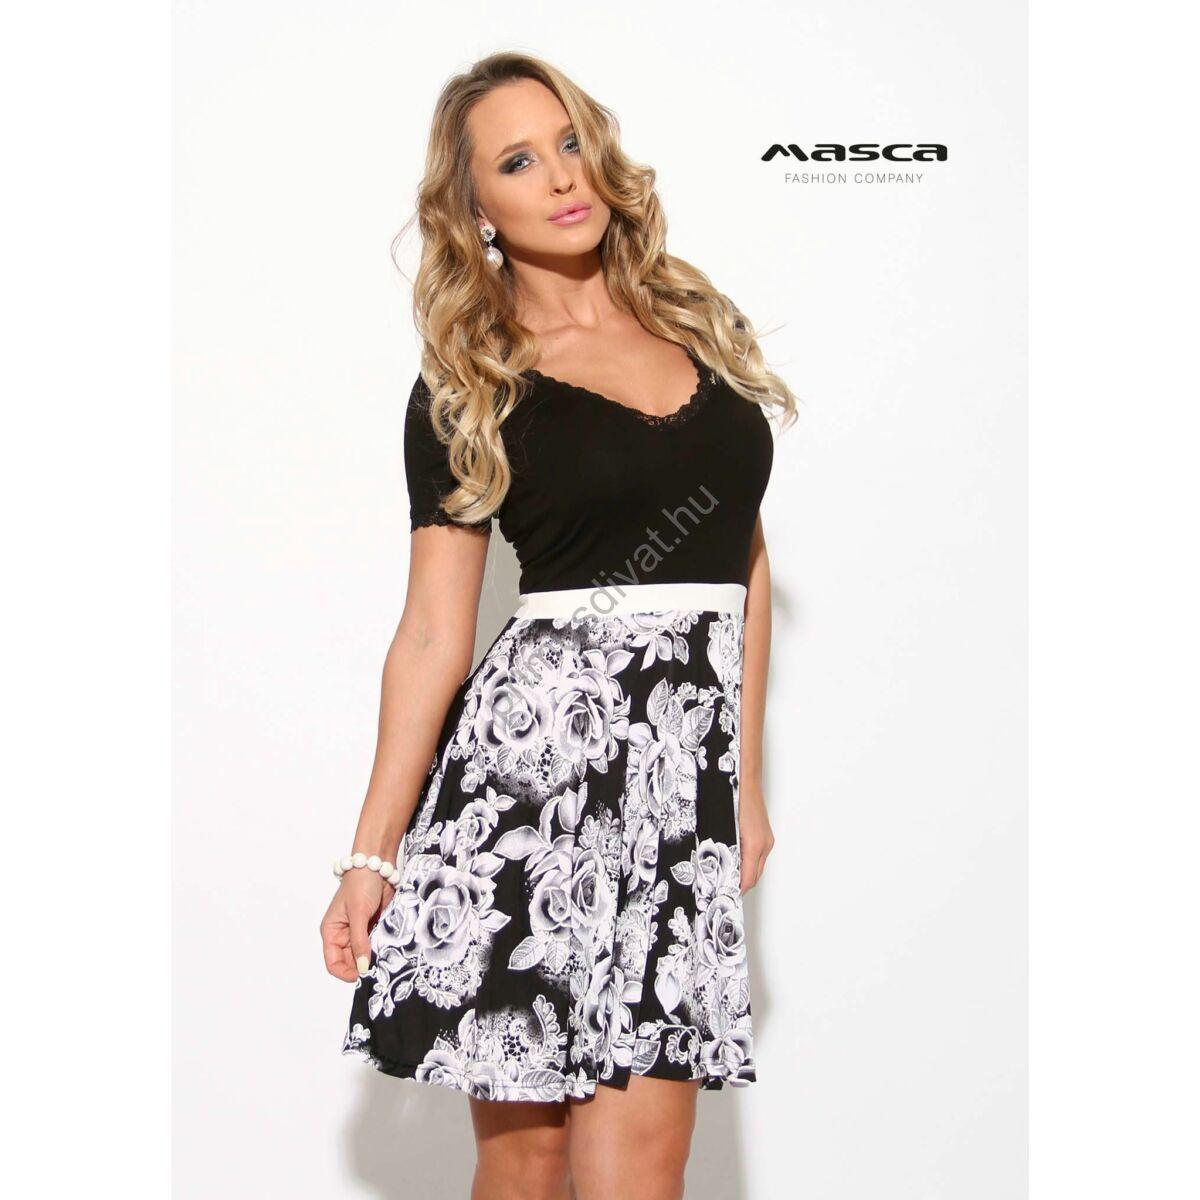 3117afc3a Masca Fashion csipkeszegélyes dekoltázsú, fehér rózsamintás loknis  szoknyarészű rövid ujjú fekete alkalmi ruha - Mf907-36